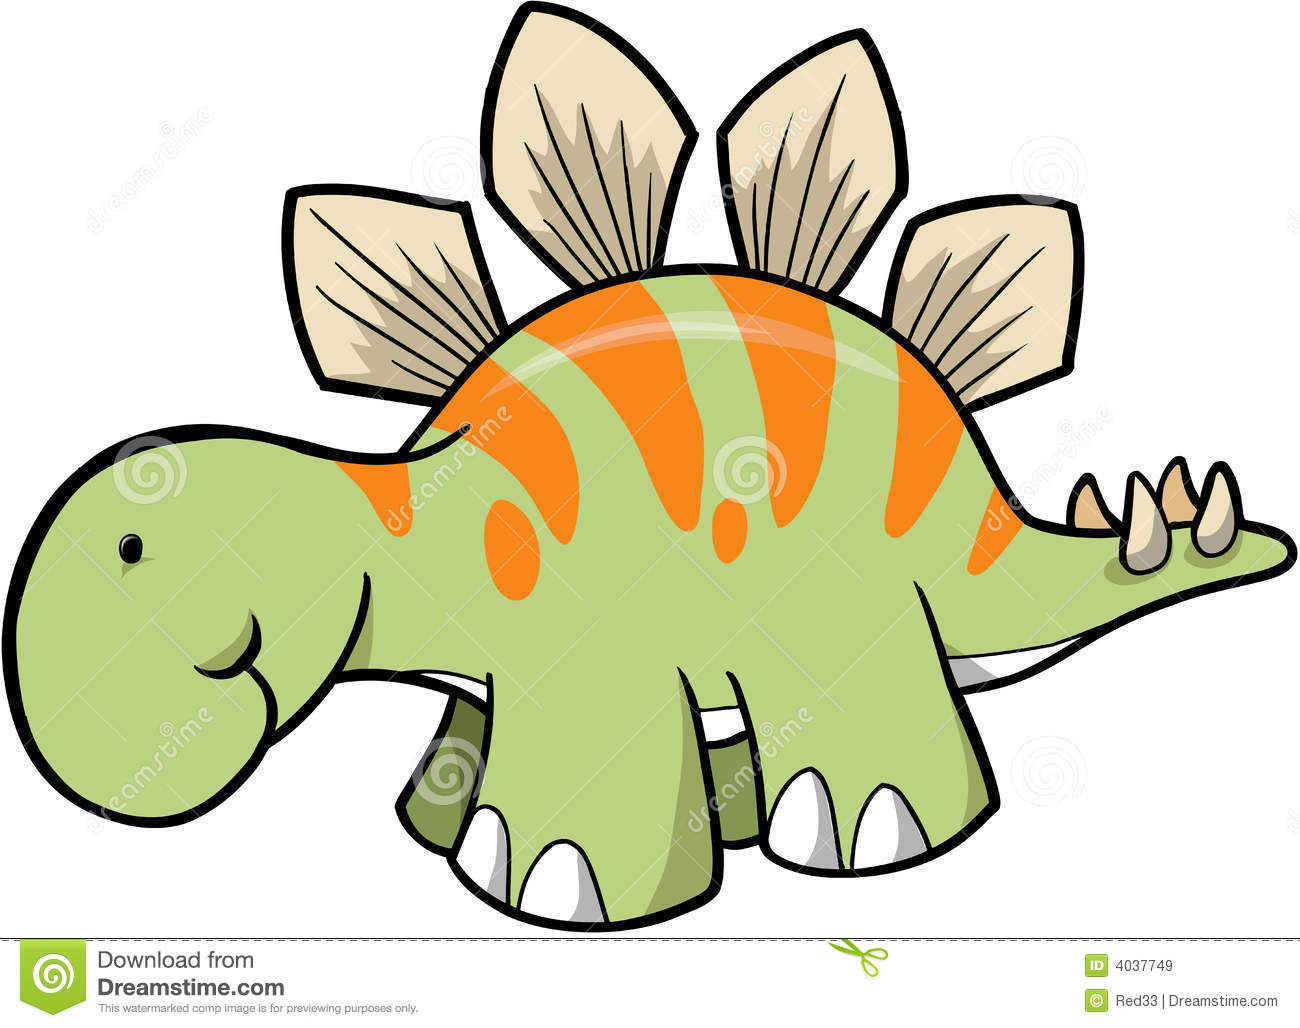 Stegosaurus clipart cute Art Panda Clipart Clip